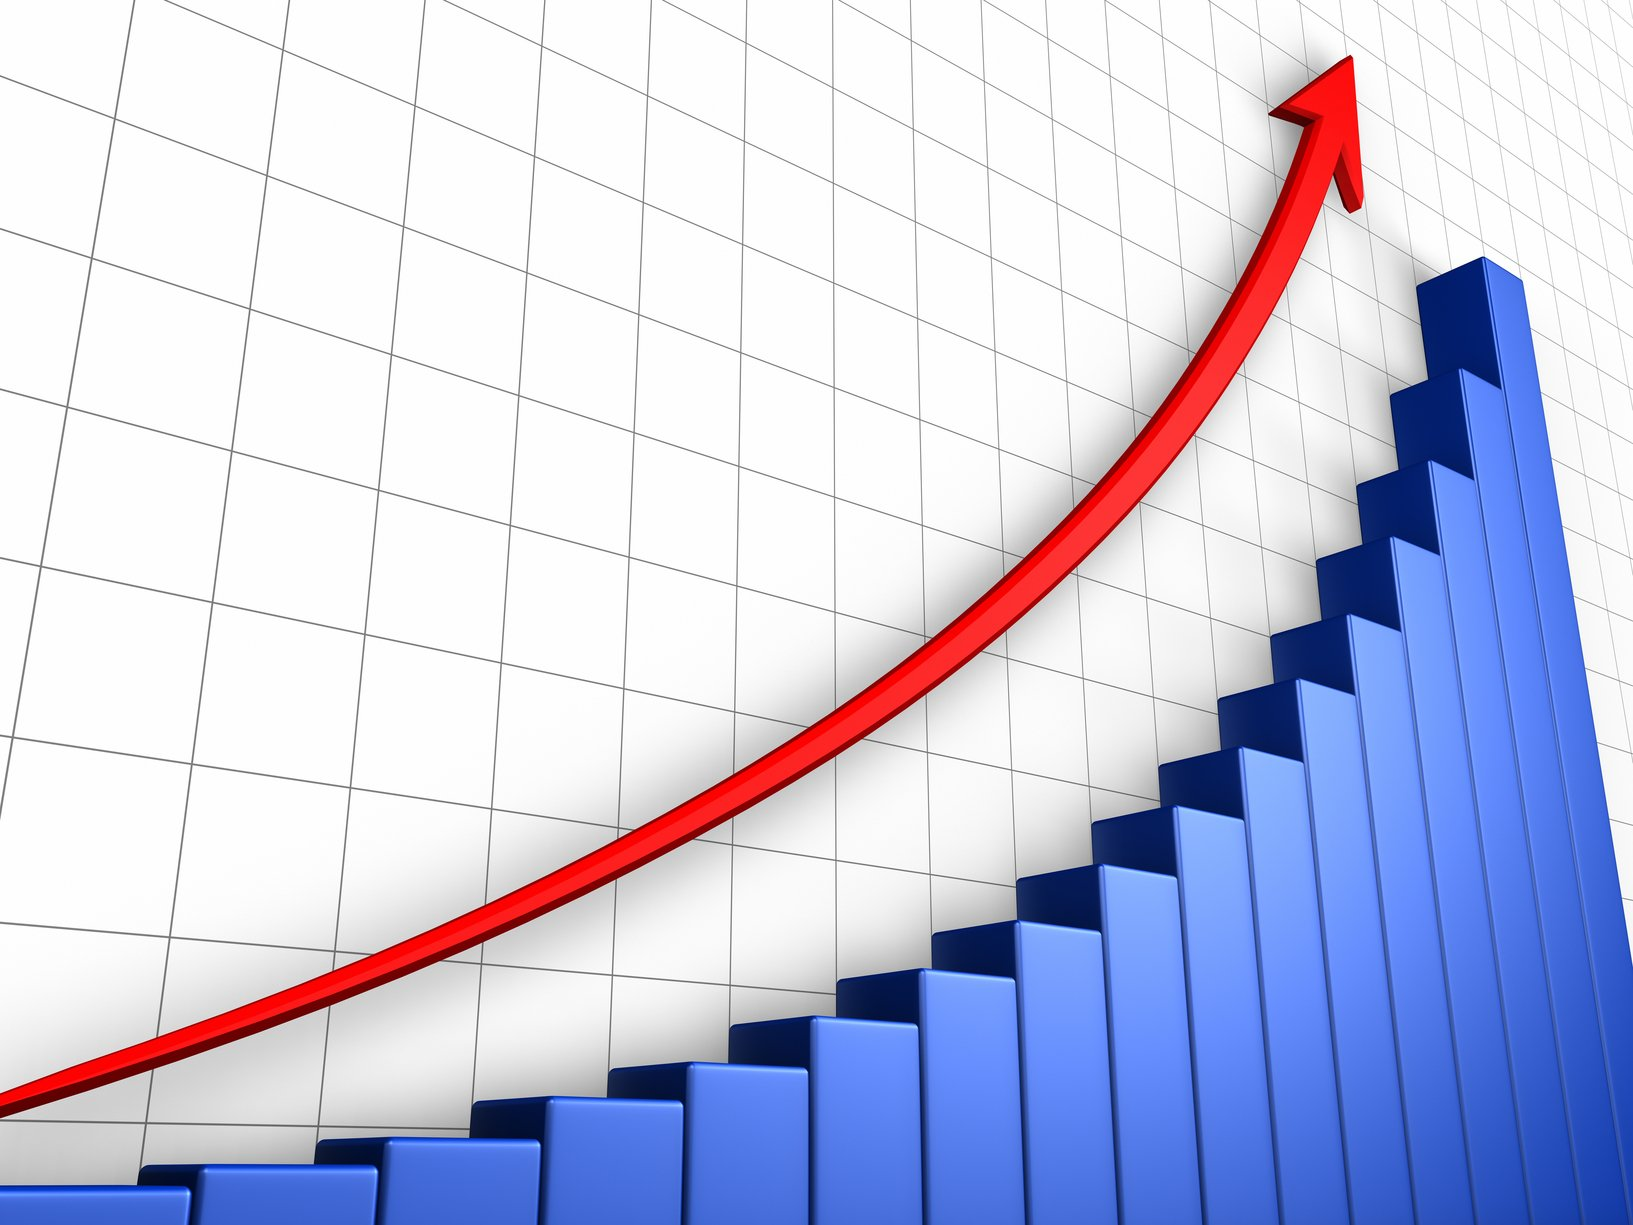 На заседании Правительства Тверской области рассмотрят прогноз социально-экономического развития до 2023 года